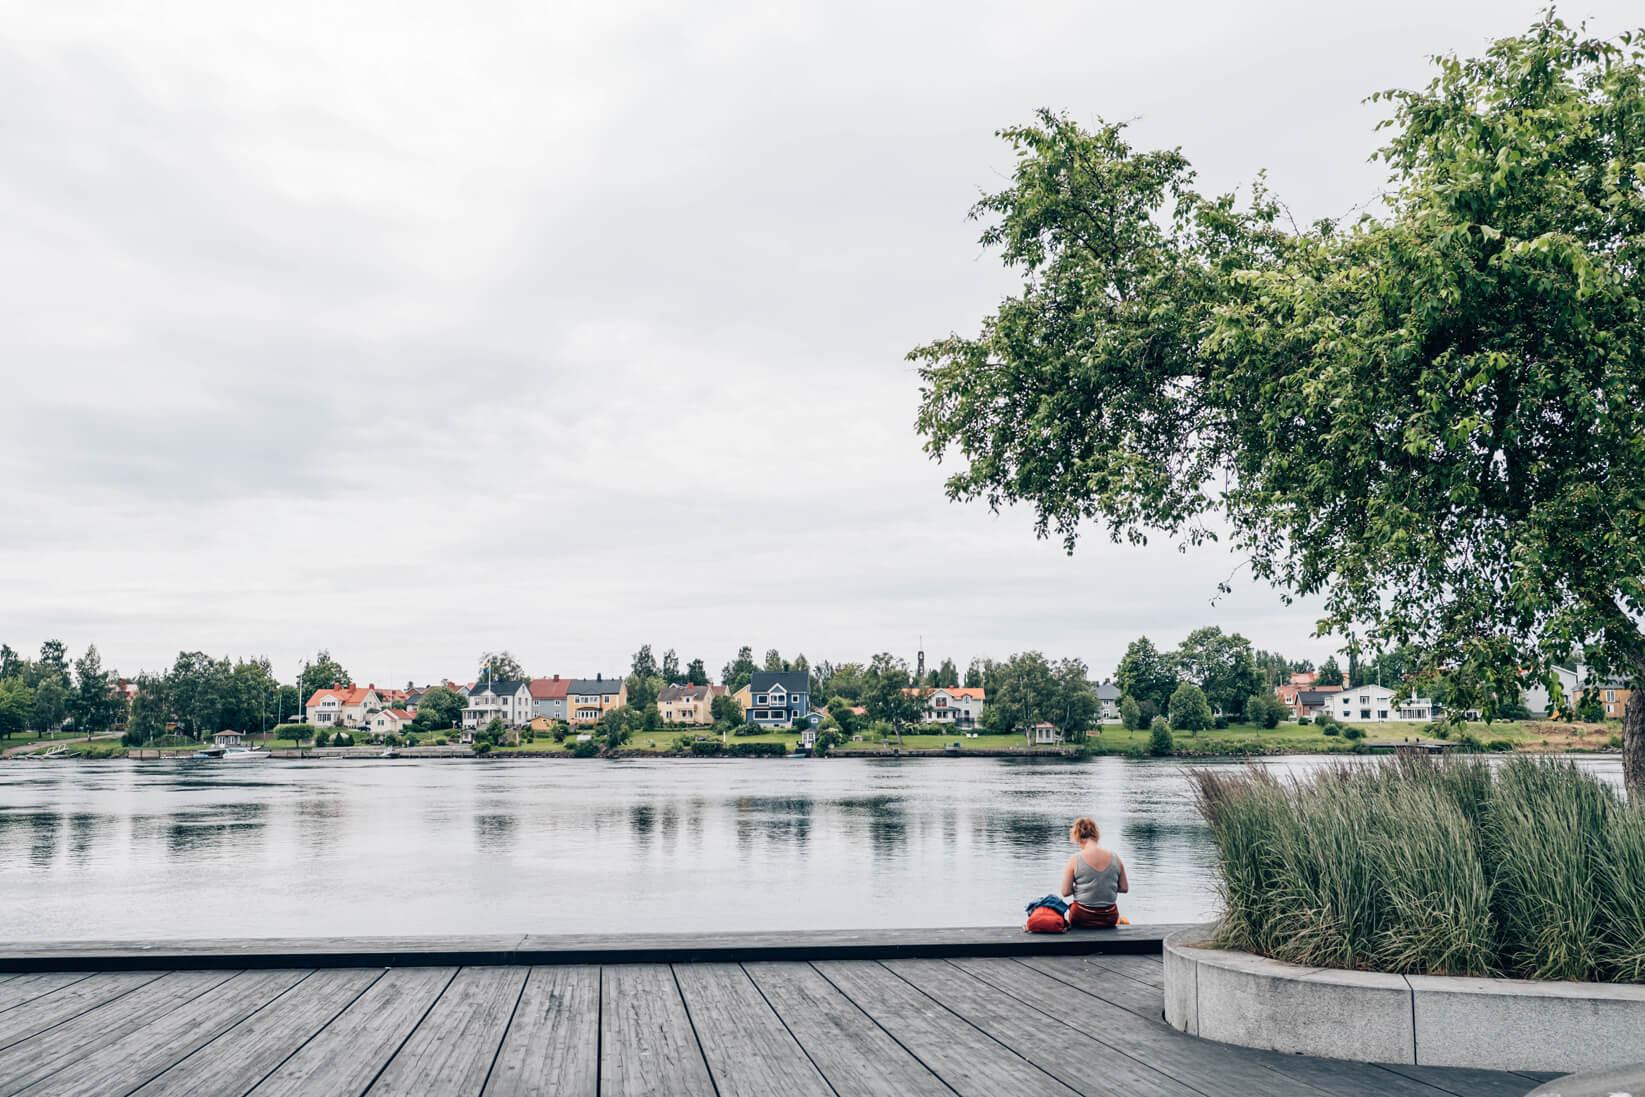 Der Fluss Umeälv in der nordschwedischen Stadt Umeå